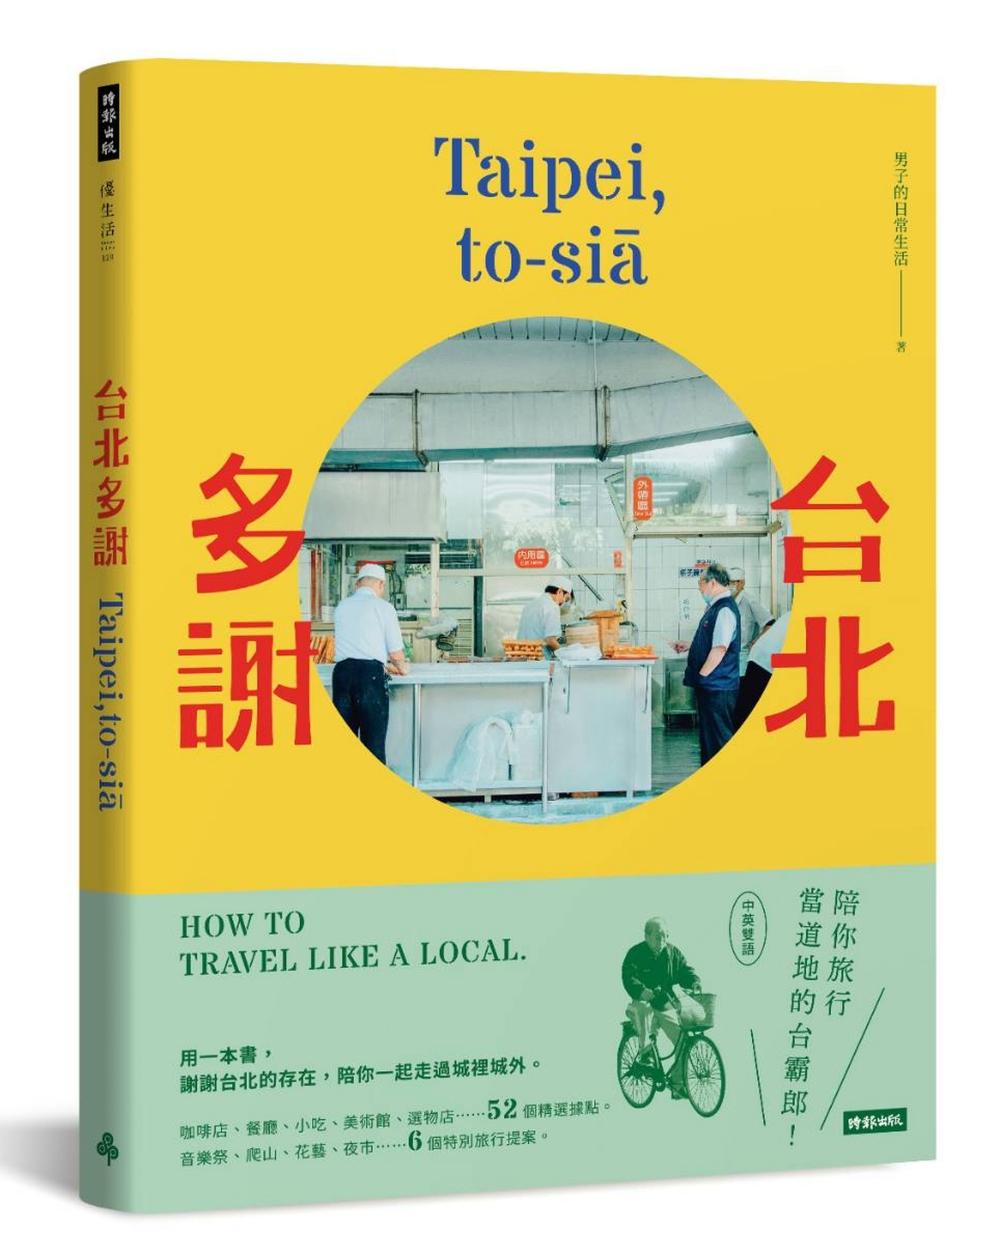 台北多謝 Taipei,to-...